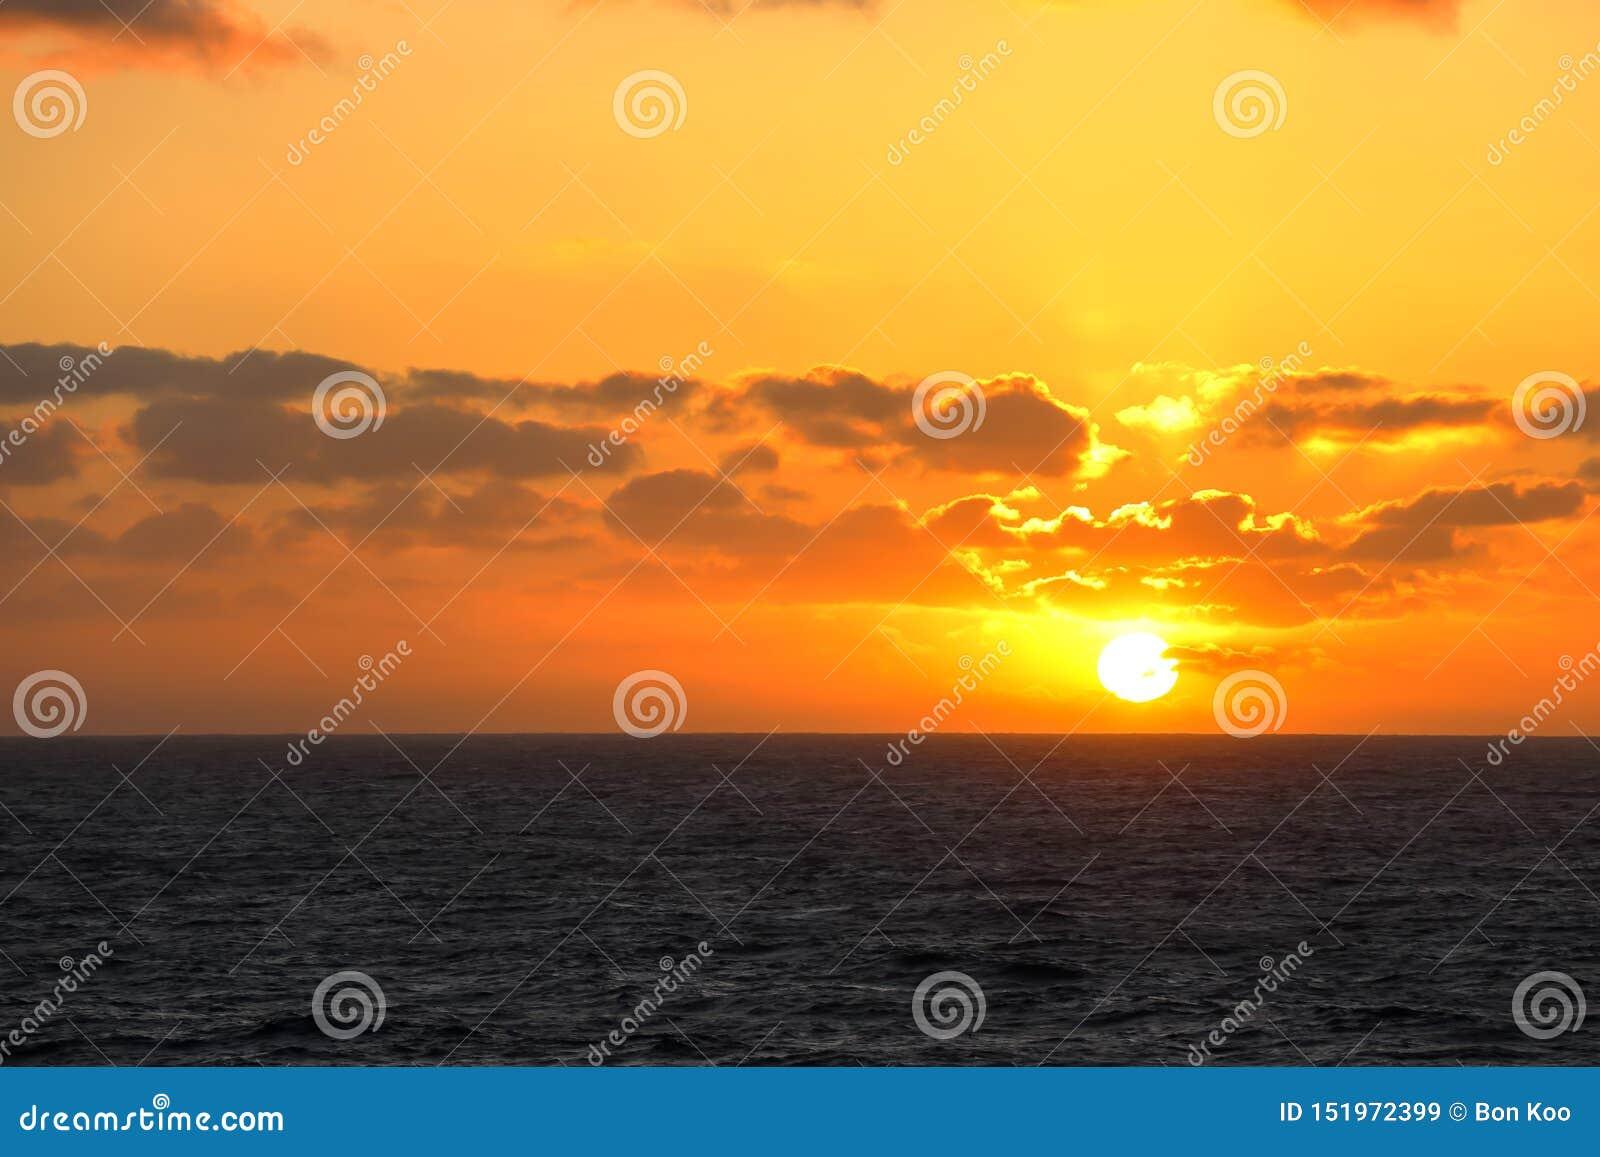 Zonsondergang in het midden van de vreedzame oceaan